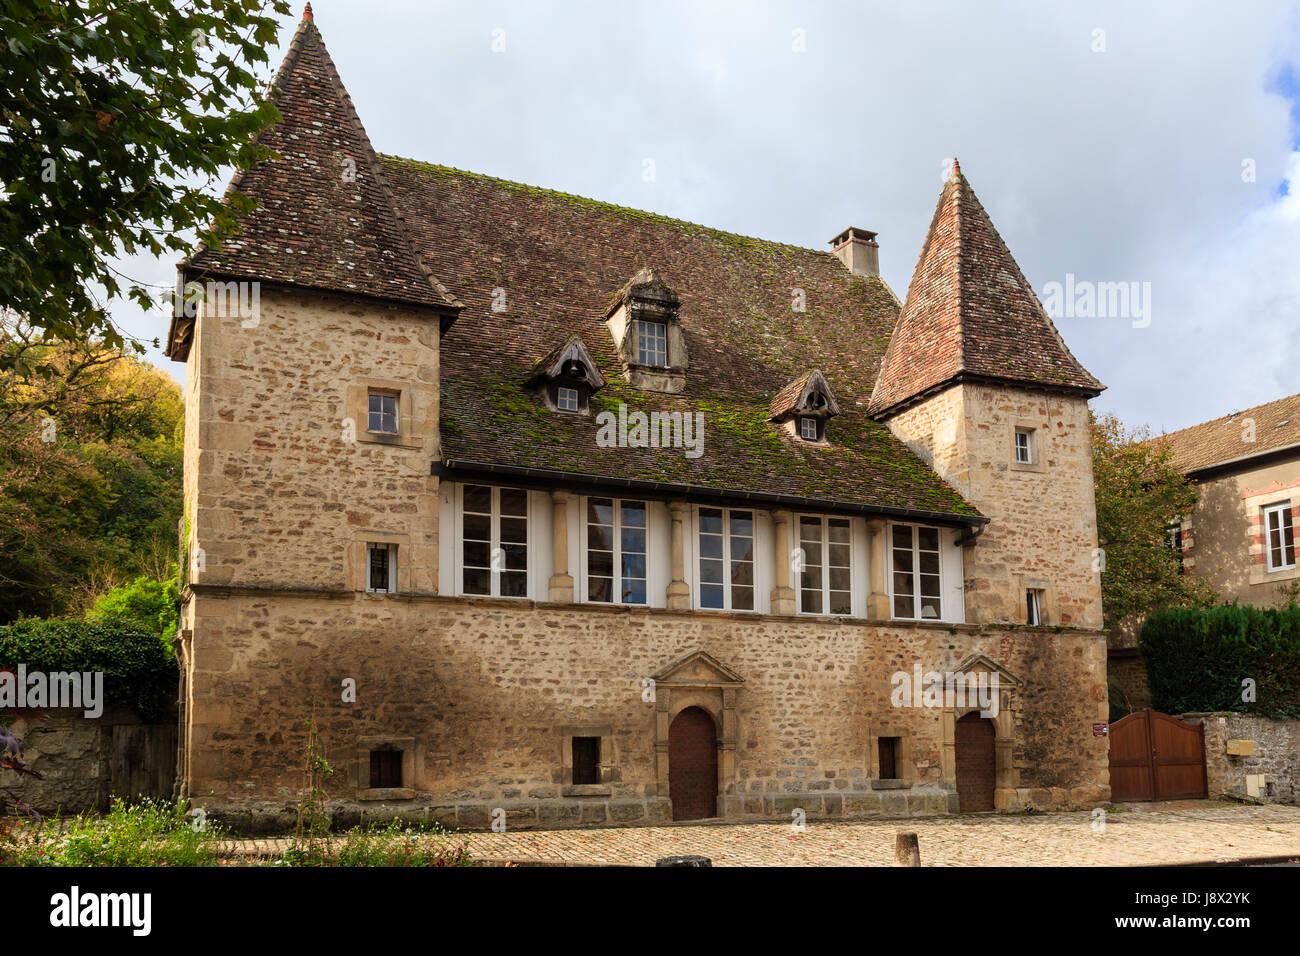 France, Saone et Loire, Couches, Templier House - Stock Image